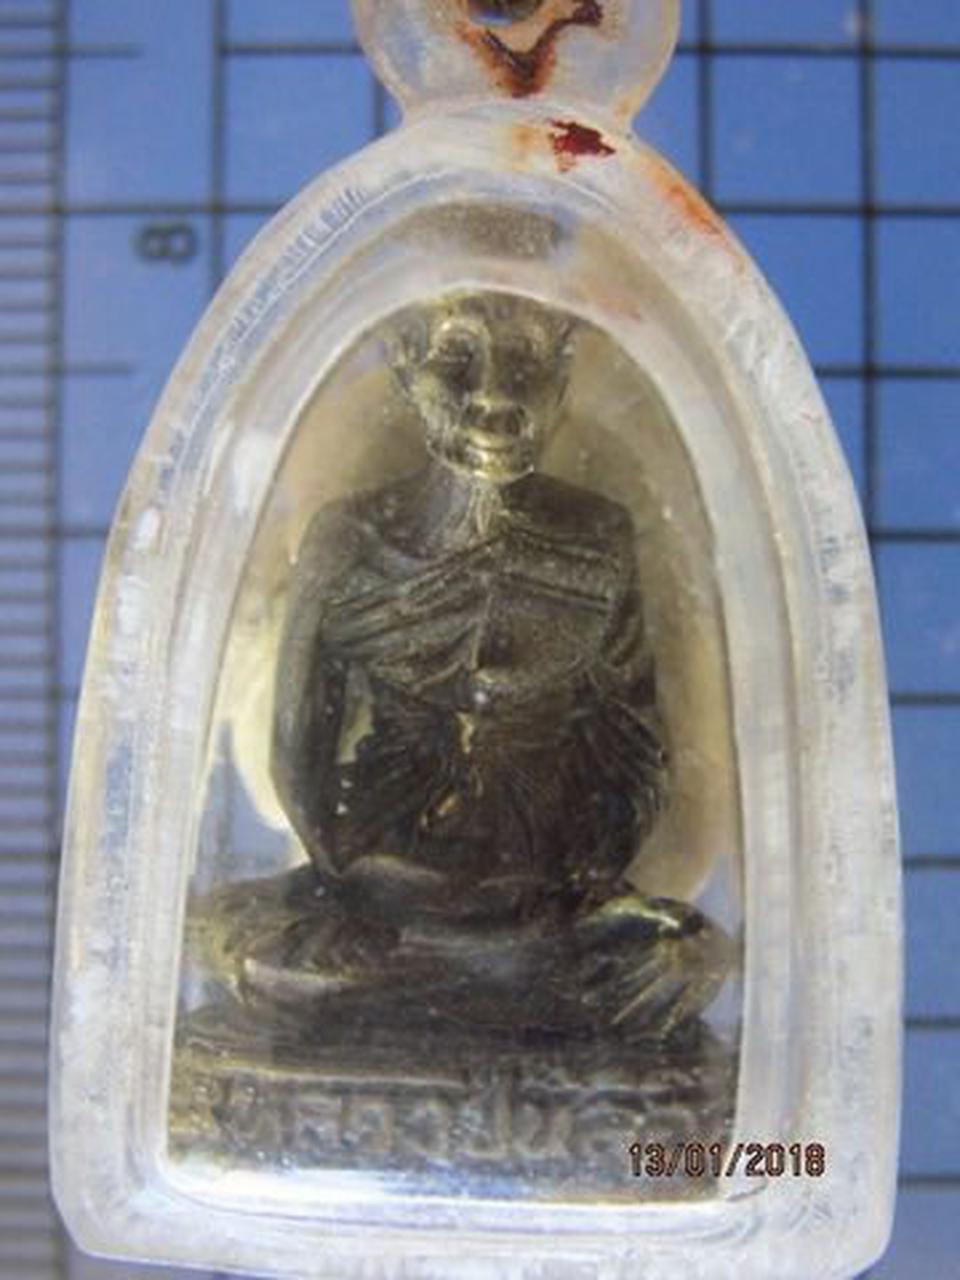 5023 รูปหล่อหลวงปู่นิล อิสฺสริโก วัดครบุรี จ.นครราชสีมา  รูปที่ 3